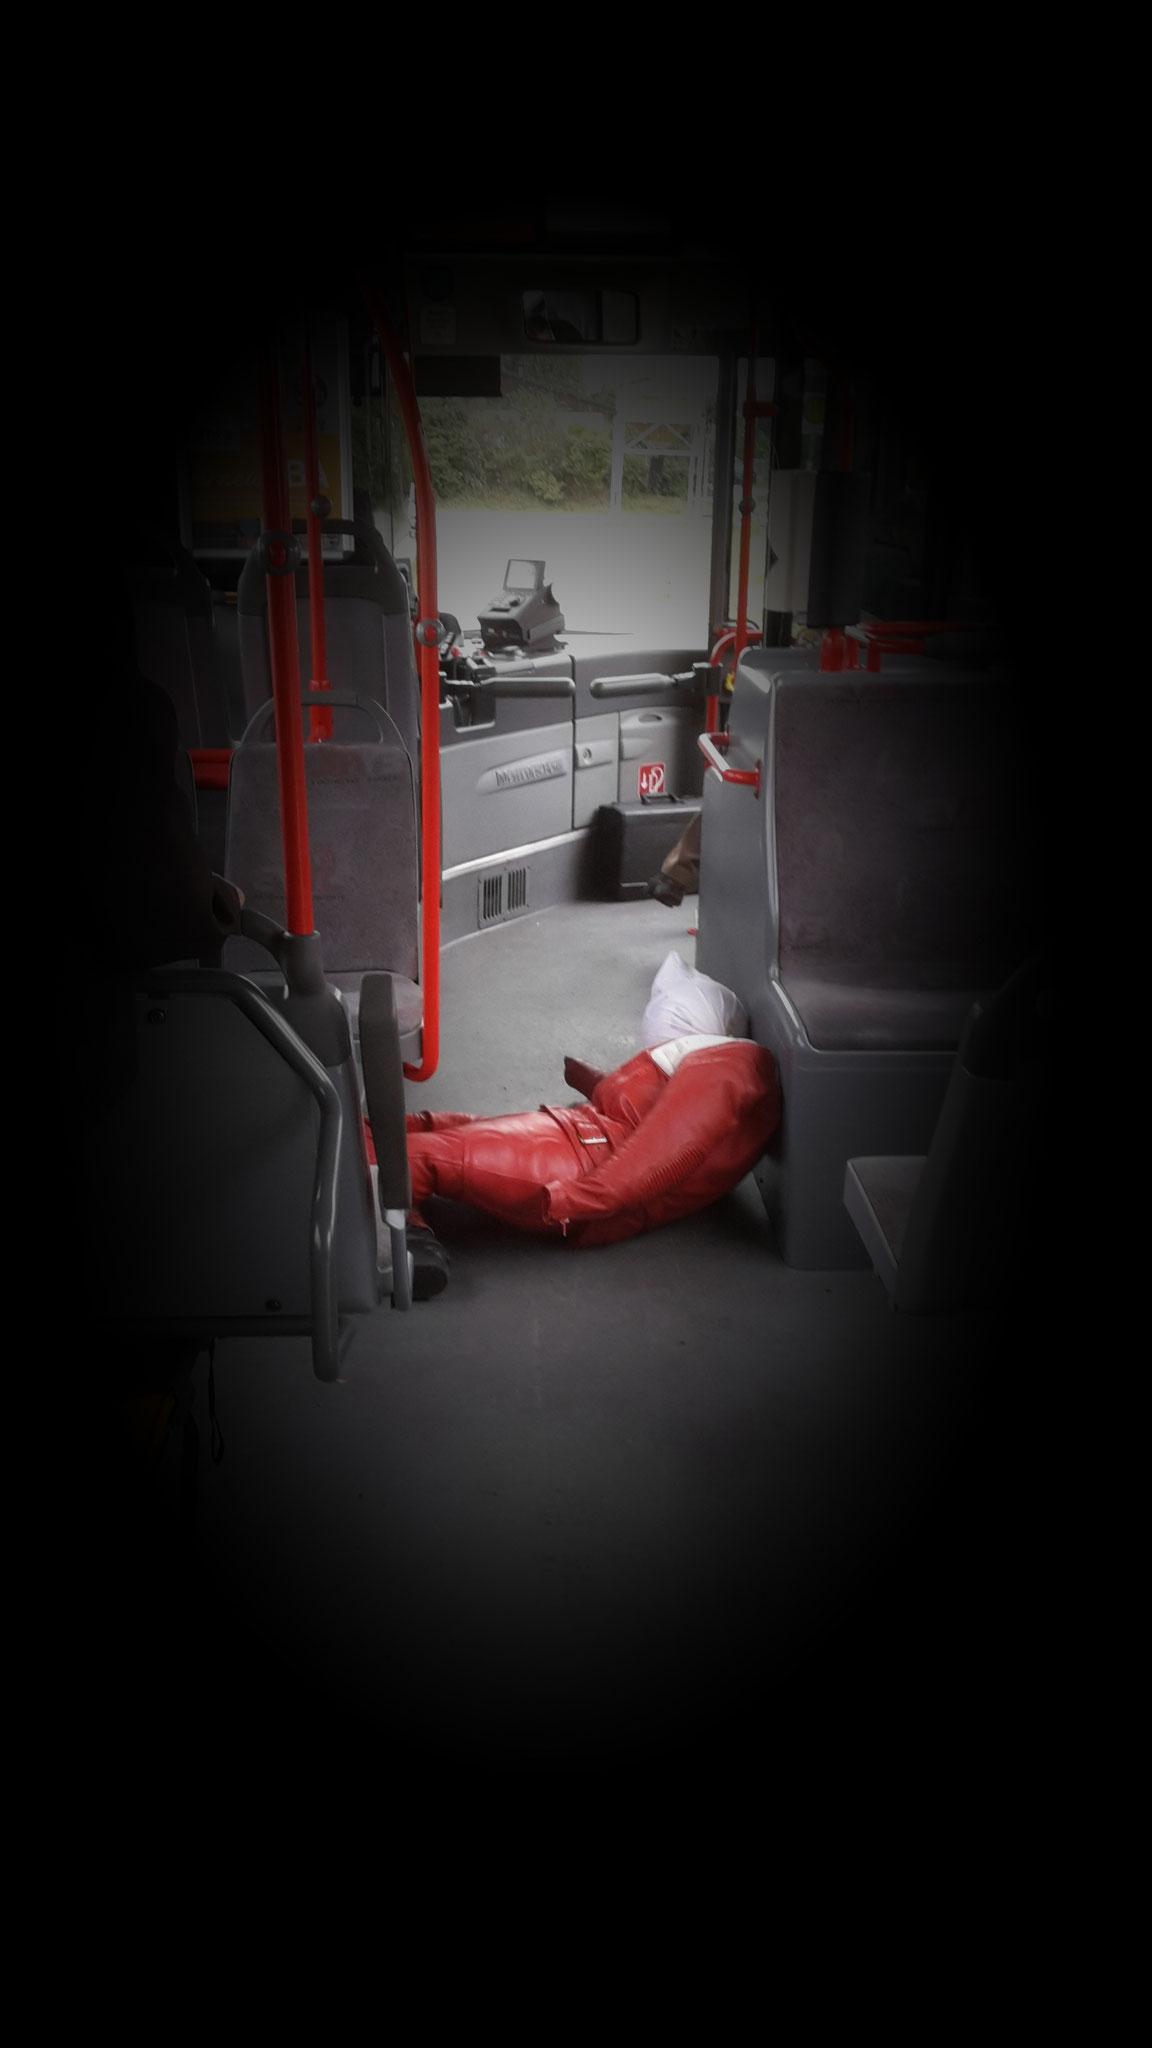 Lieber festhalten! Manchmal muss ein Bus plötzlich bremsen!